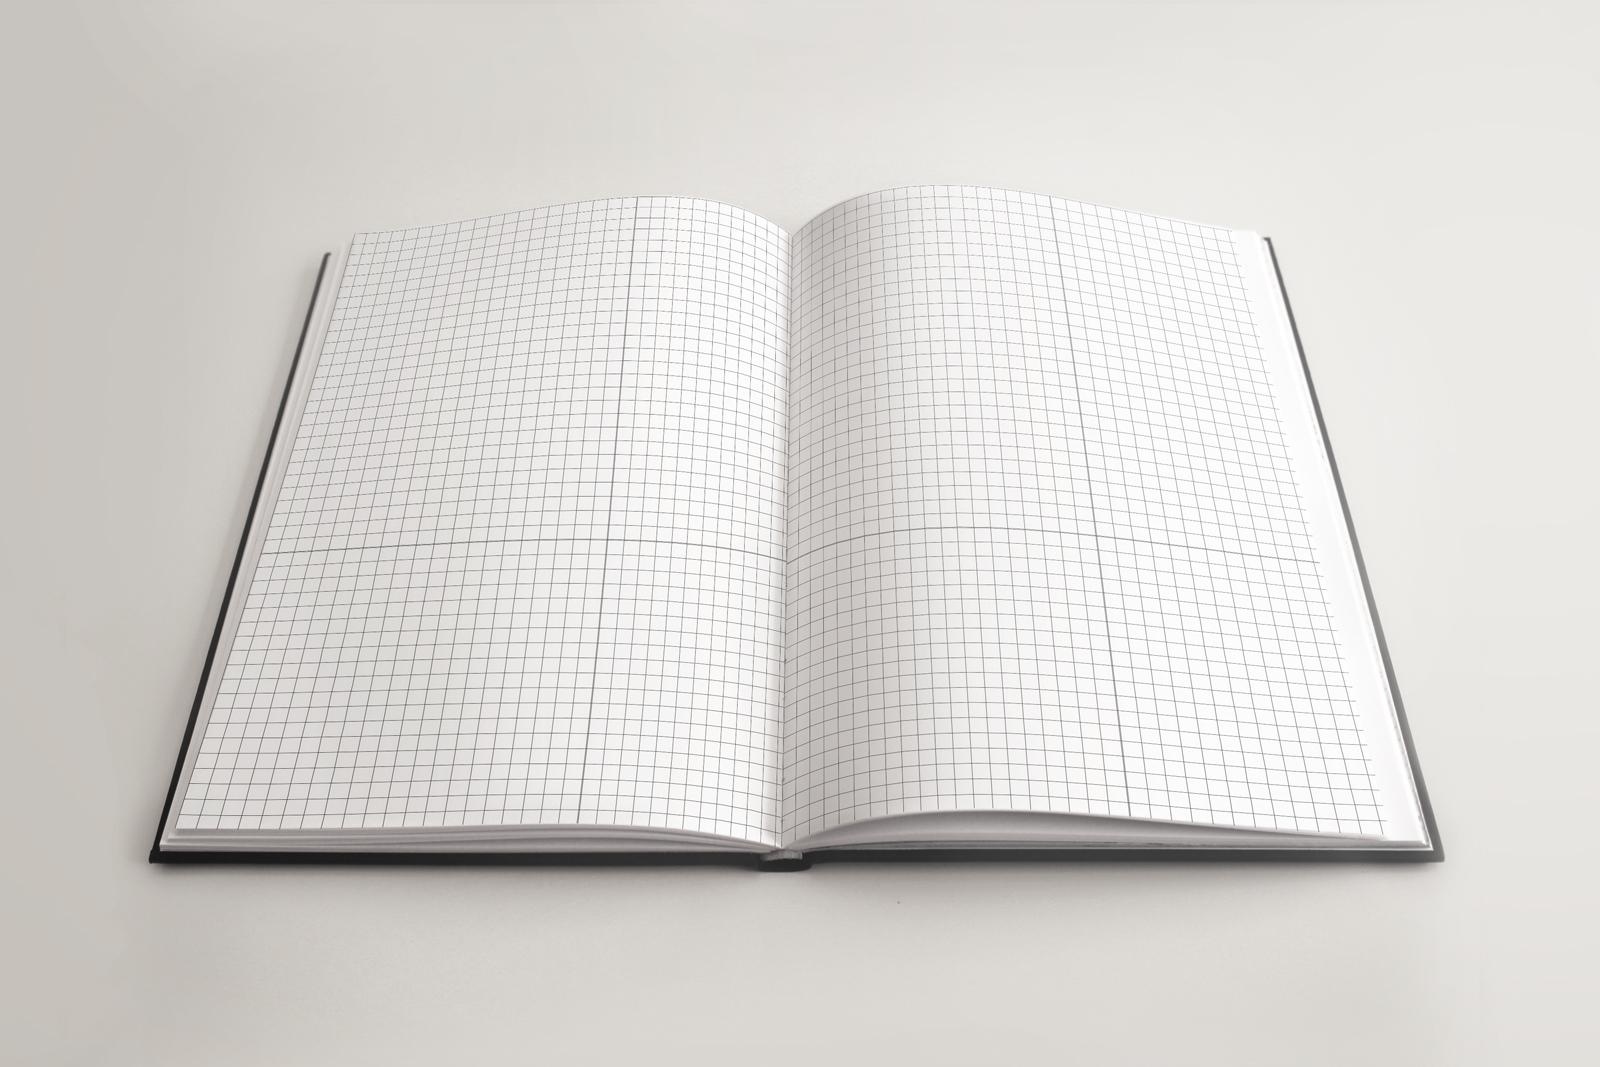 5 SketchBook Mockup NoteBook Mock-up example image 2